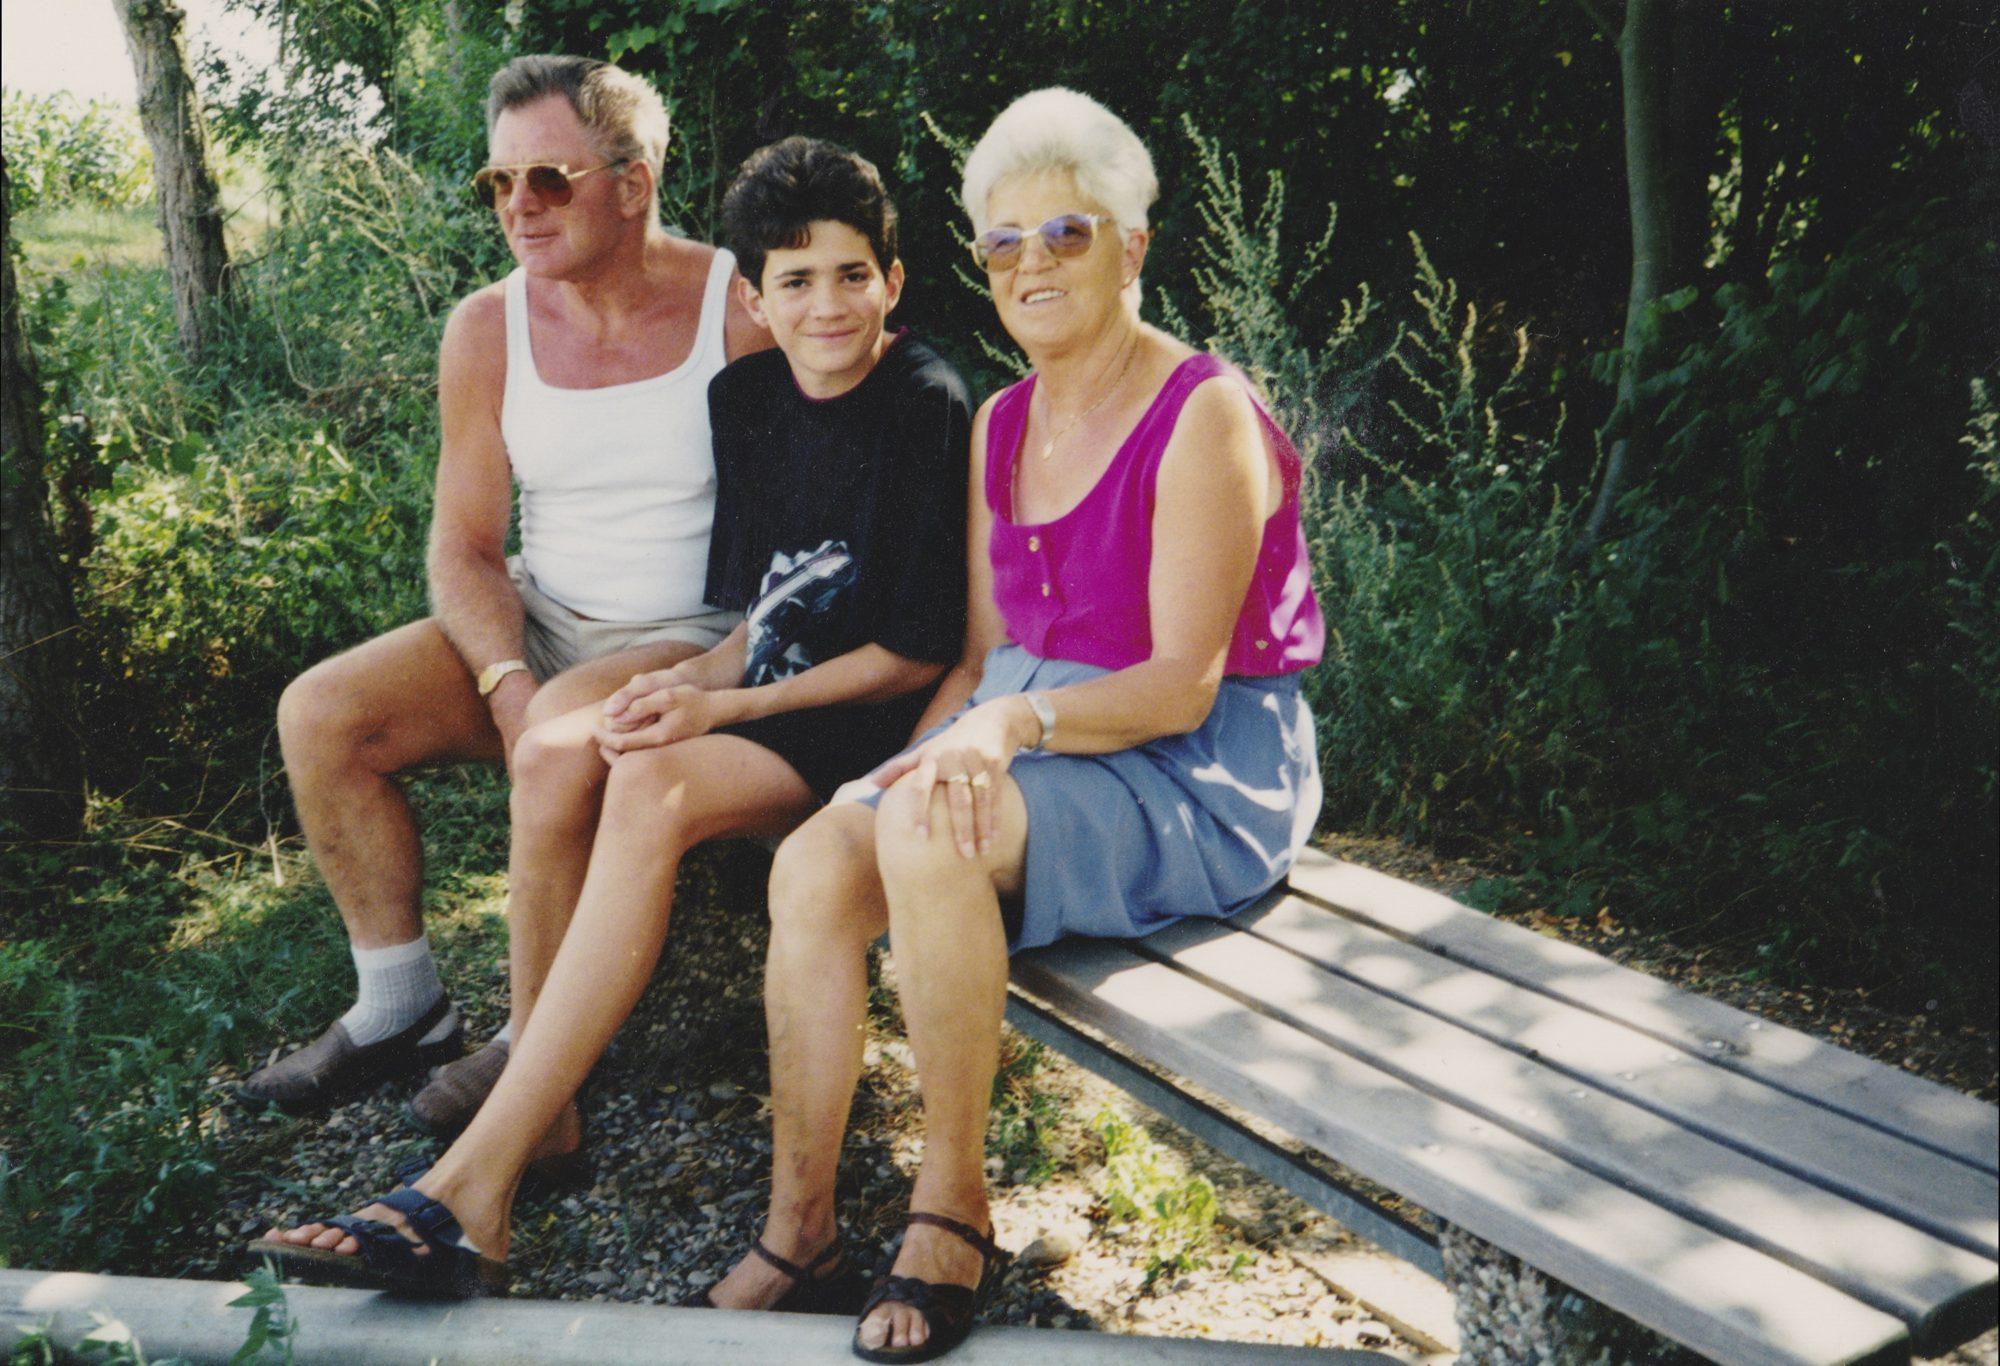 In den Sommerferien 1992. Während einer Radtour mit Omi und Opi am Rhein bei Heitersheim.